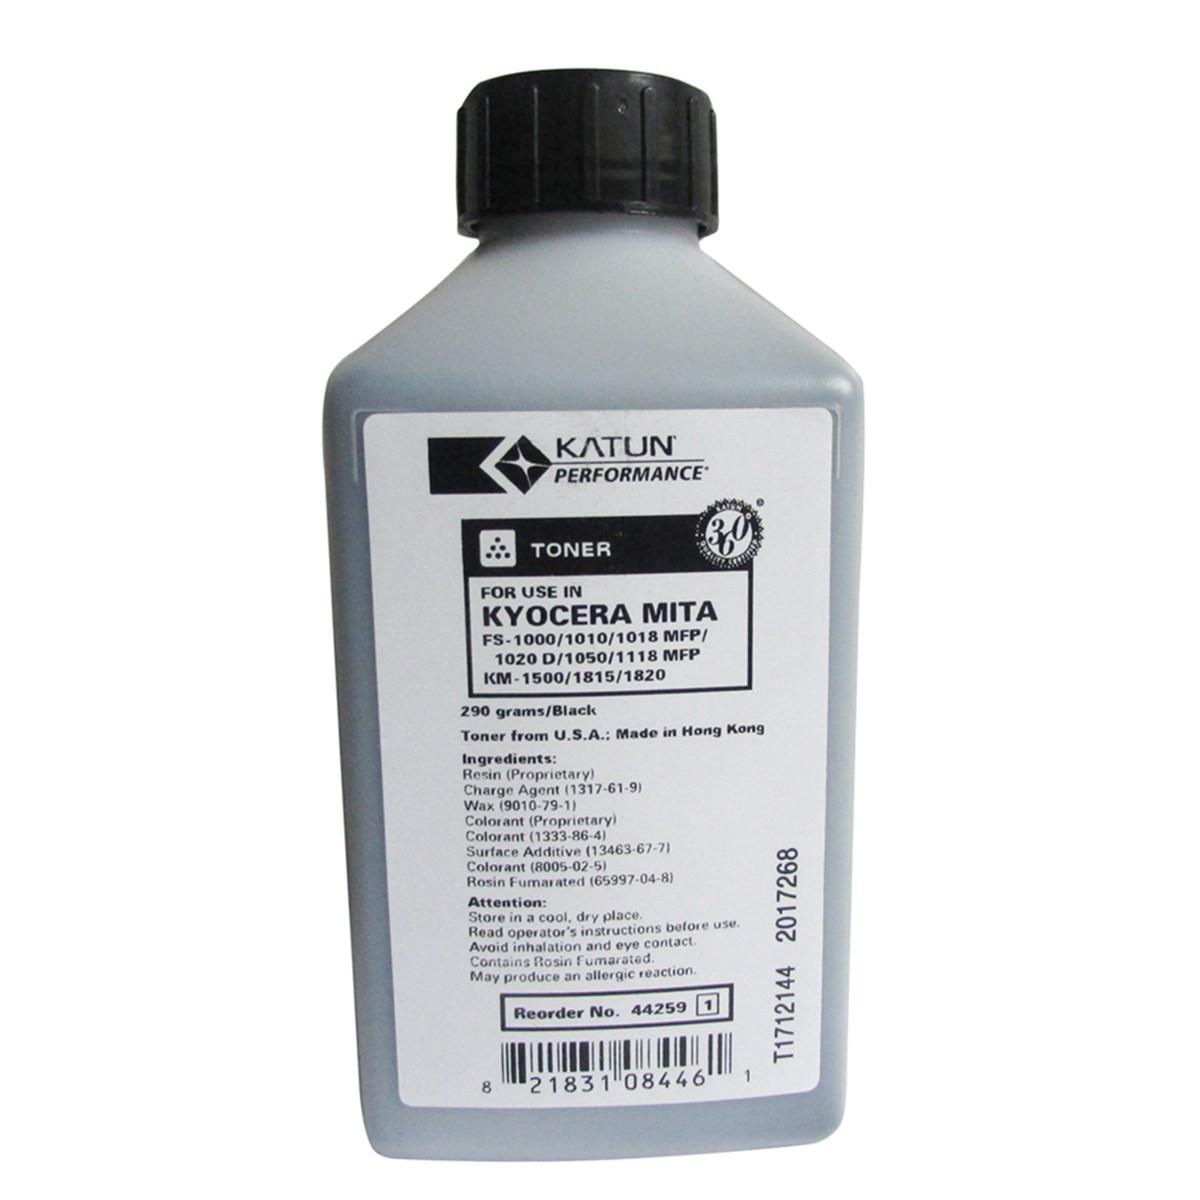 Toner Refil Kyocera TK1147 TK137   FS1035 KM2810 KM2820 M2035   Katun Performance 290g